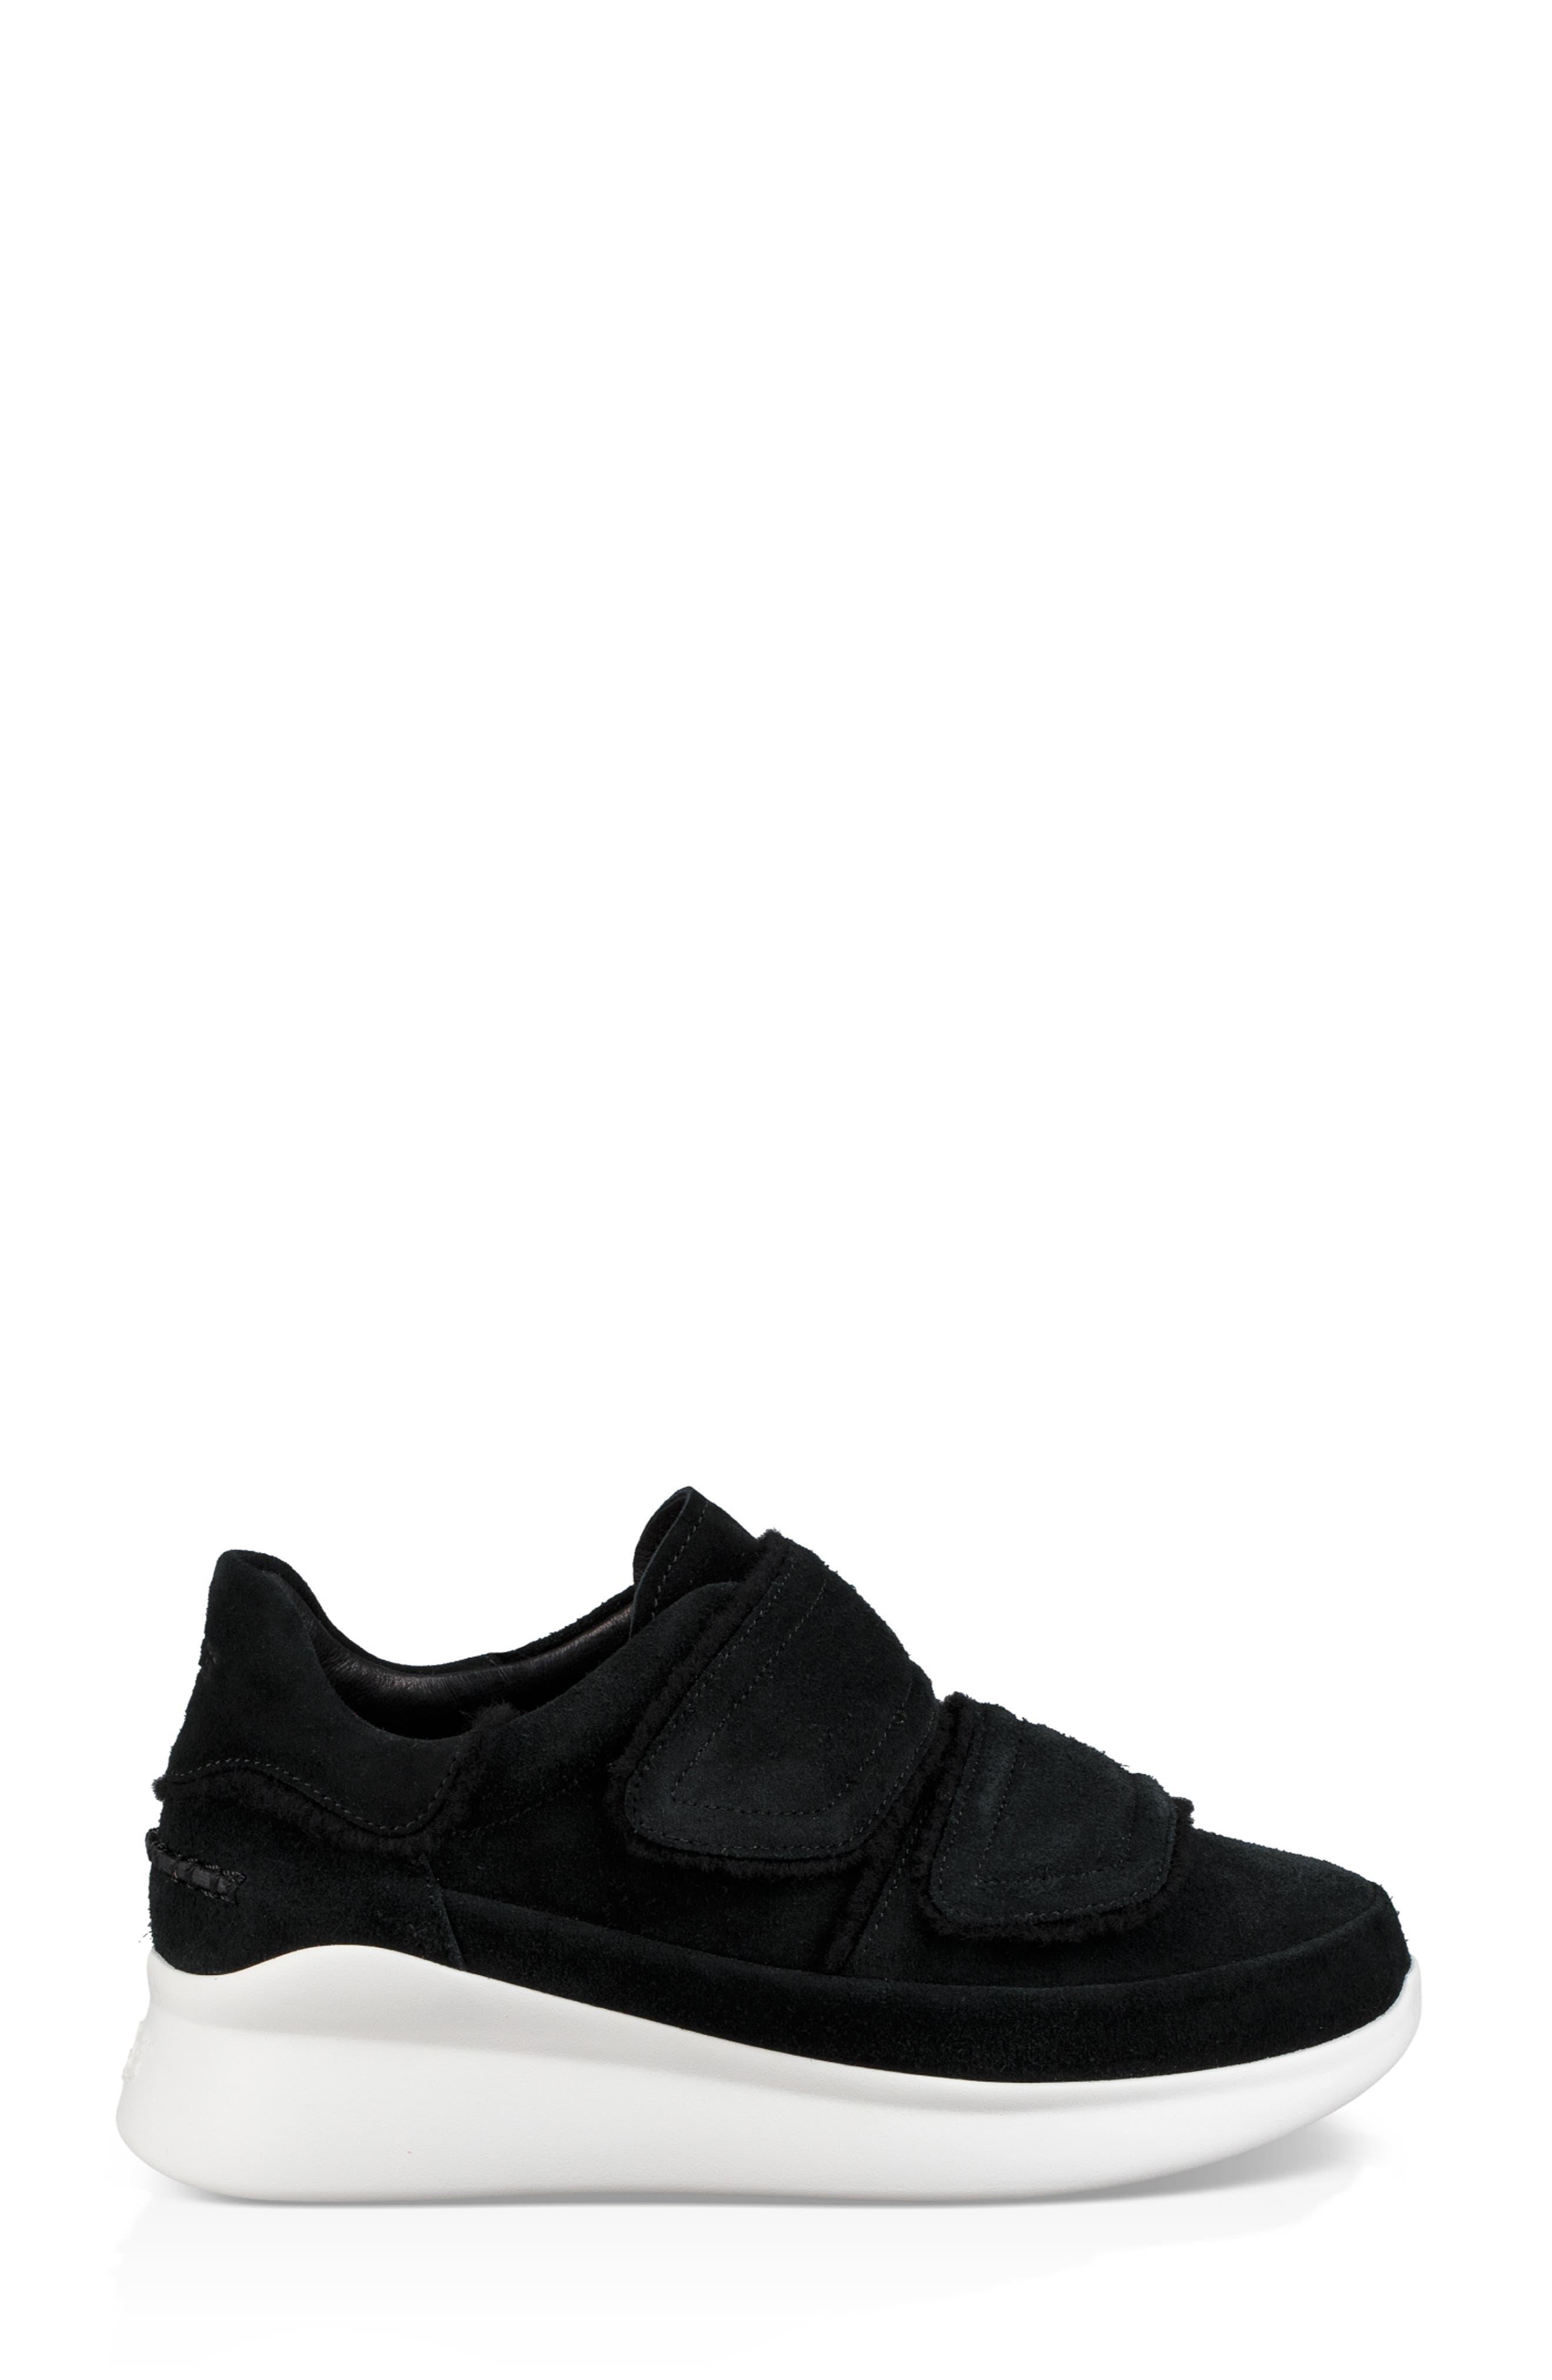 Ashby Spill Seam Sneaker,                             Alternate thumbnail 3, color,                             BLACK LEATHER